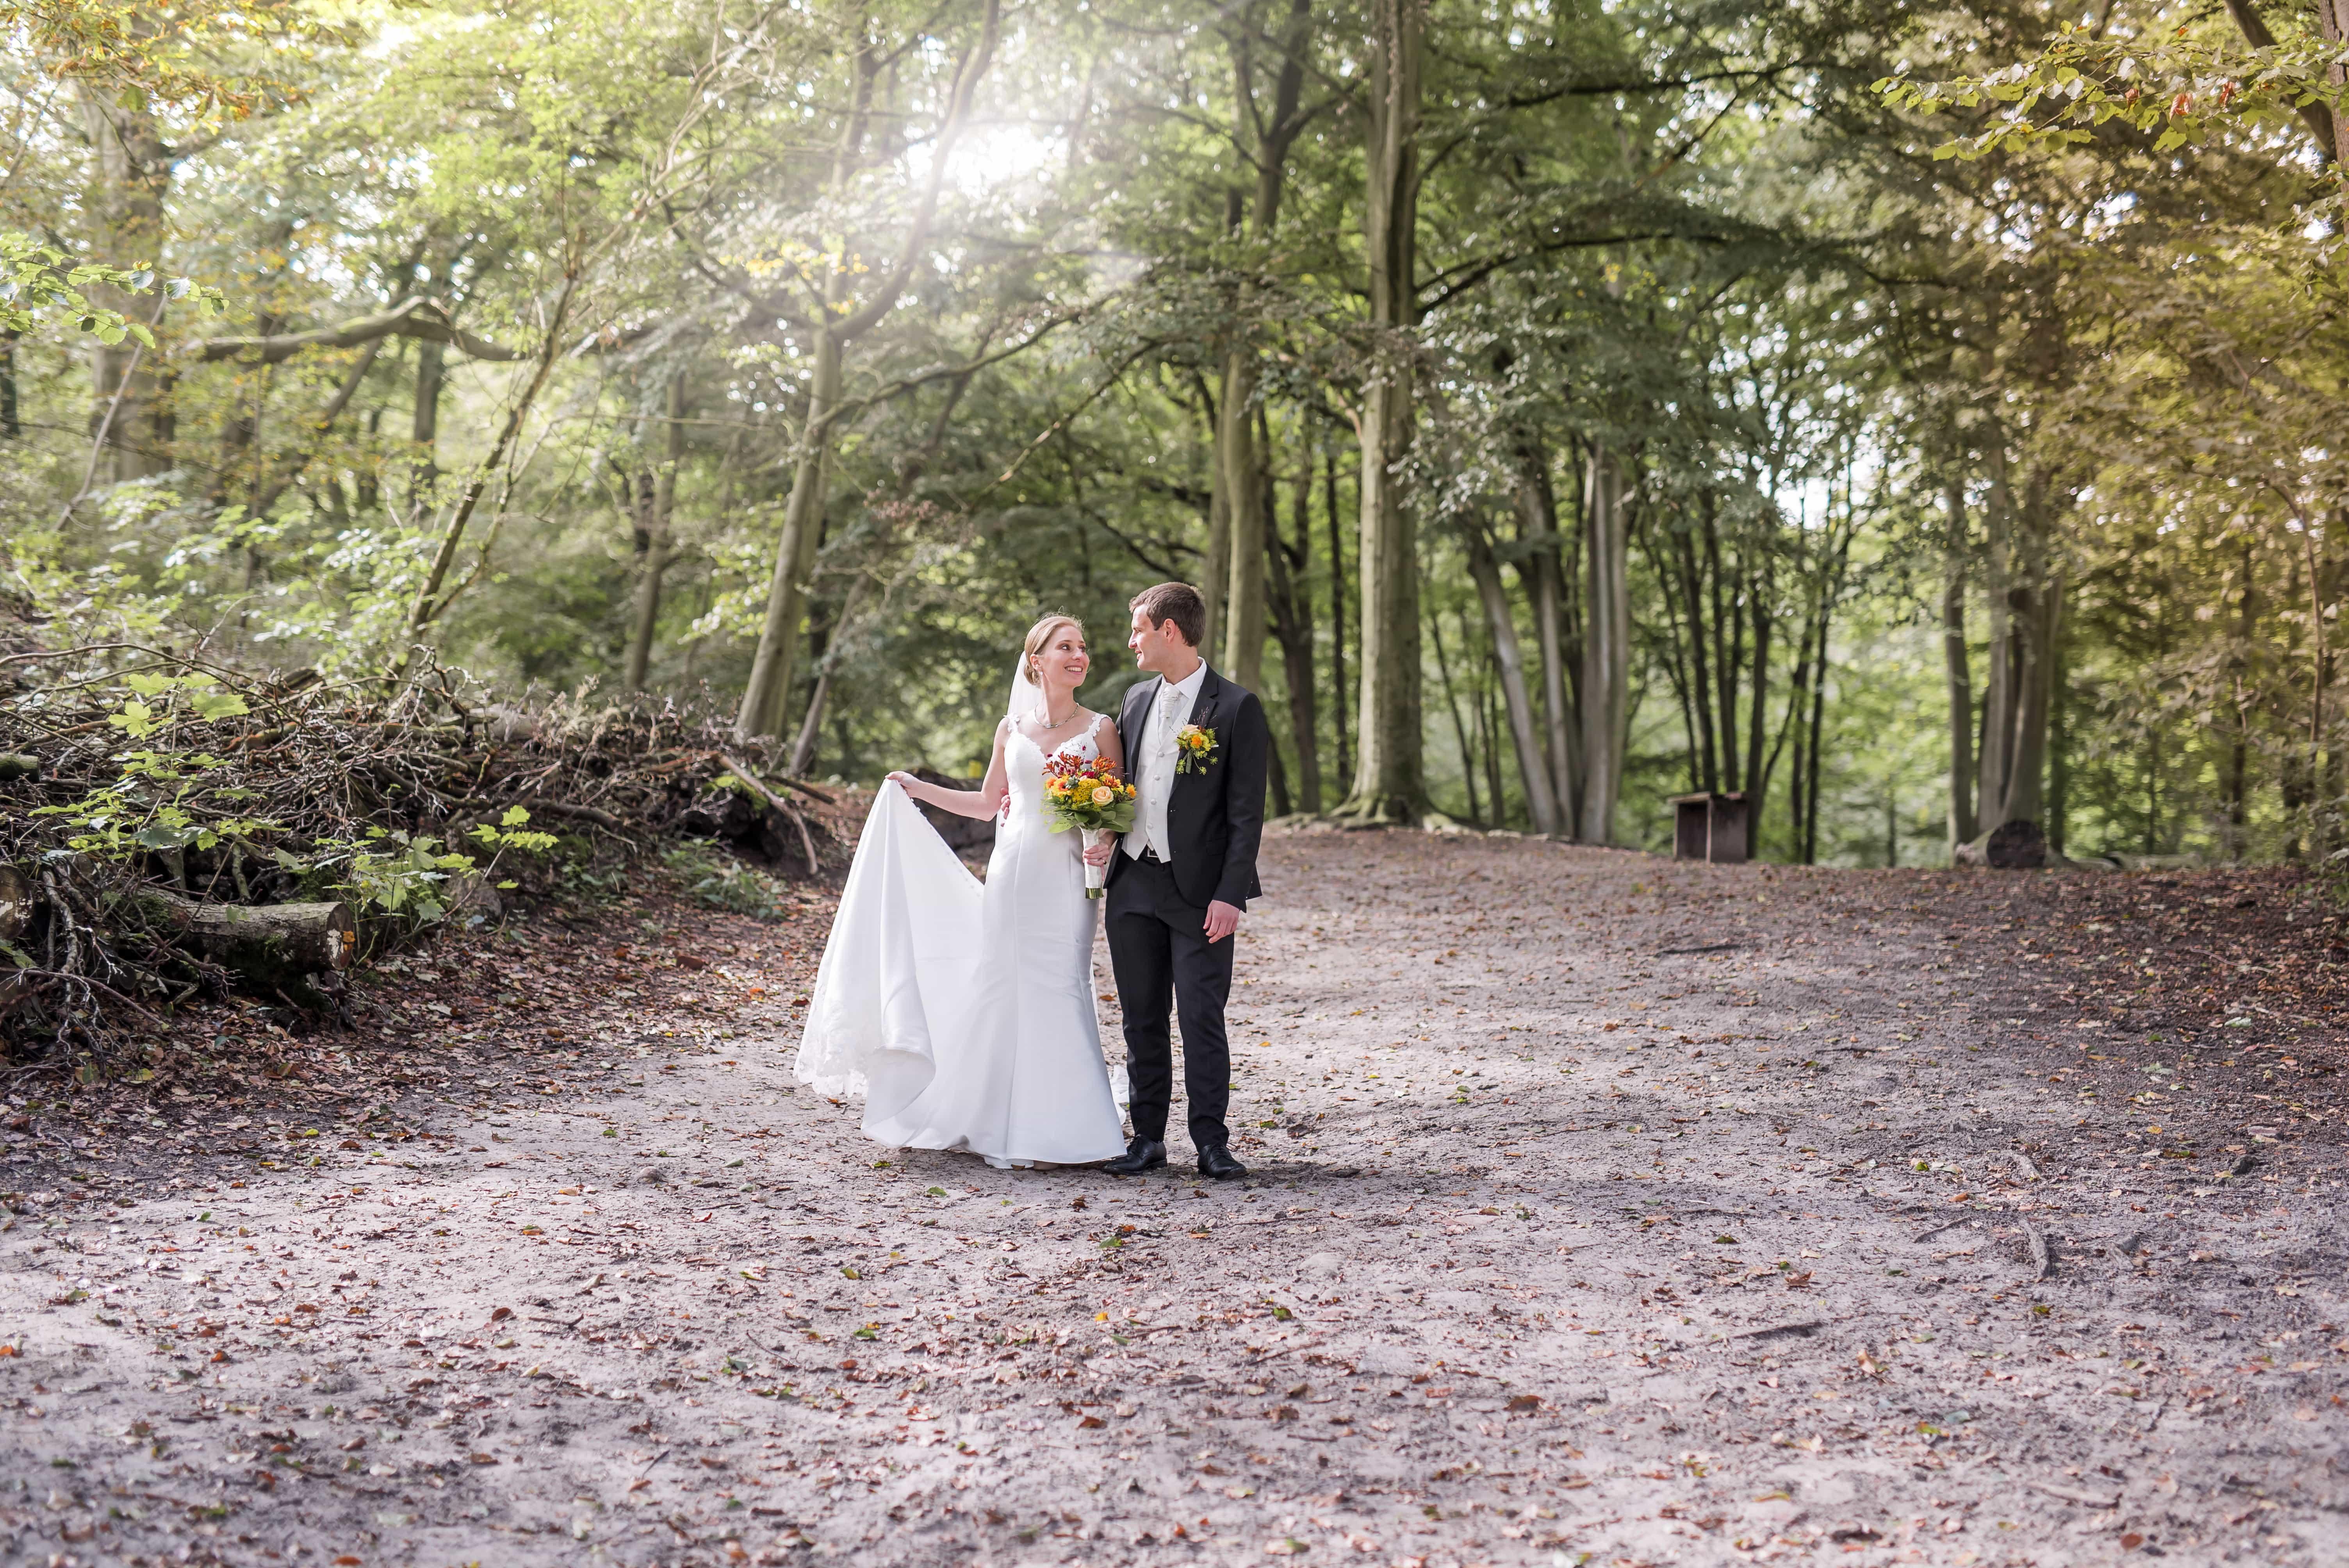 Bruiloft Maureen & Jon - fotoshoot